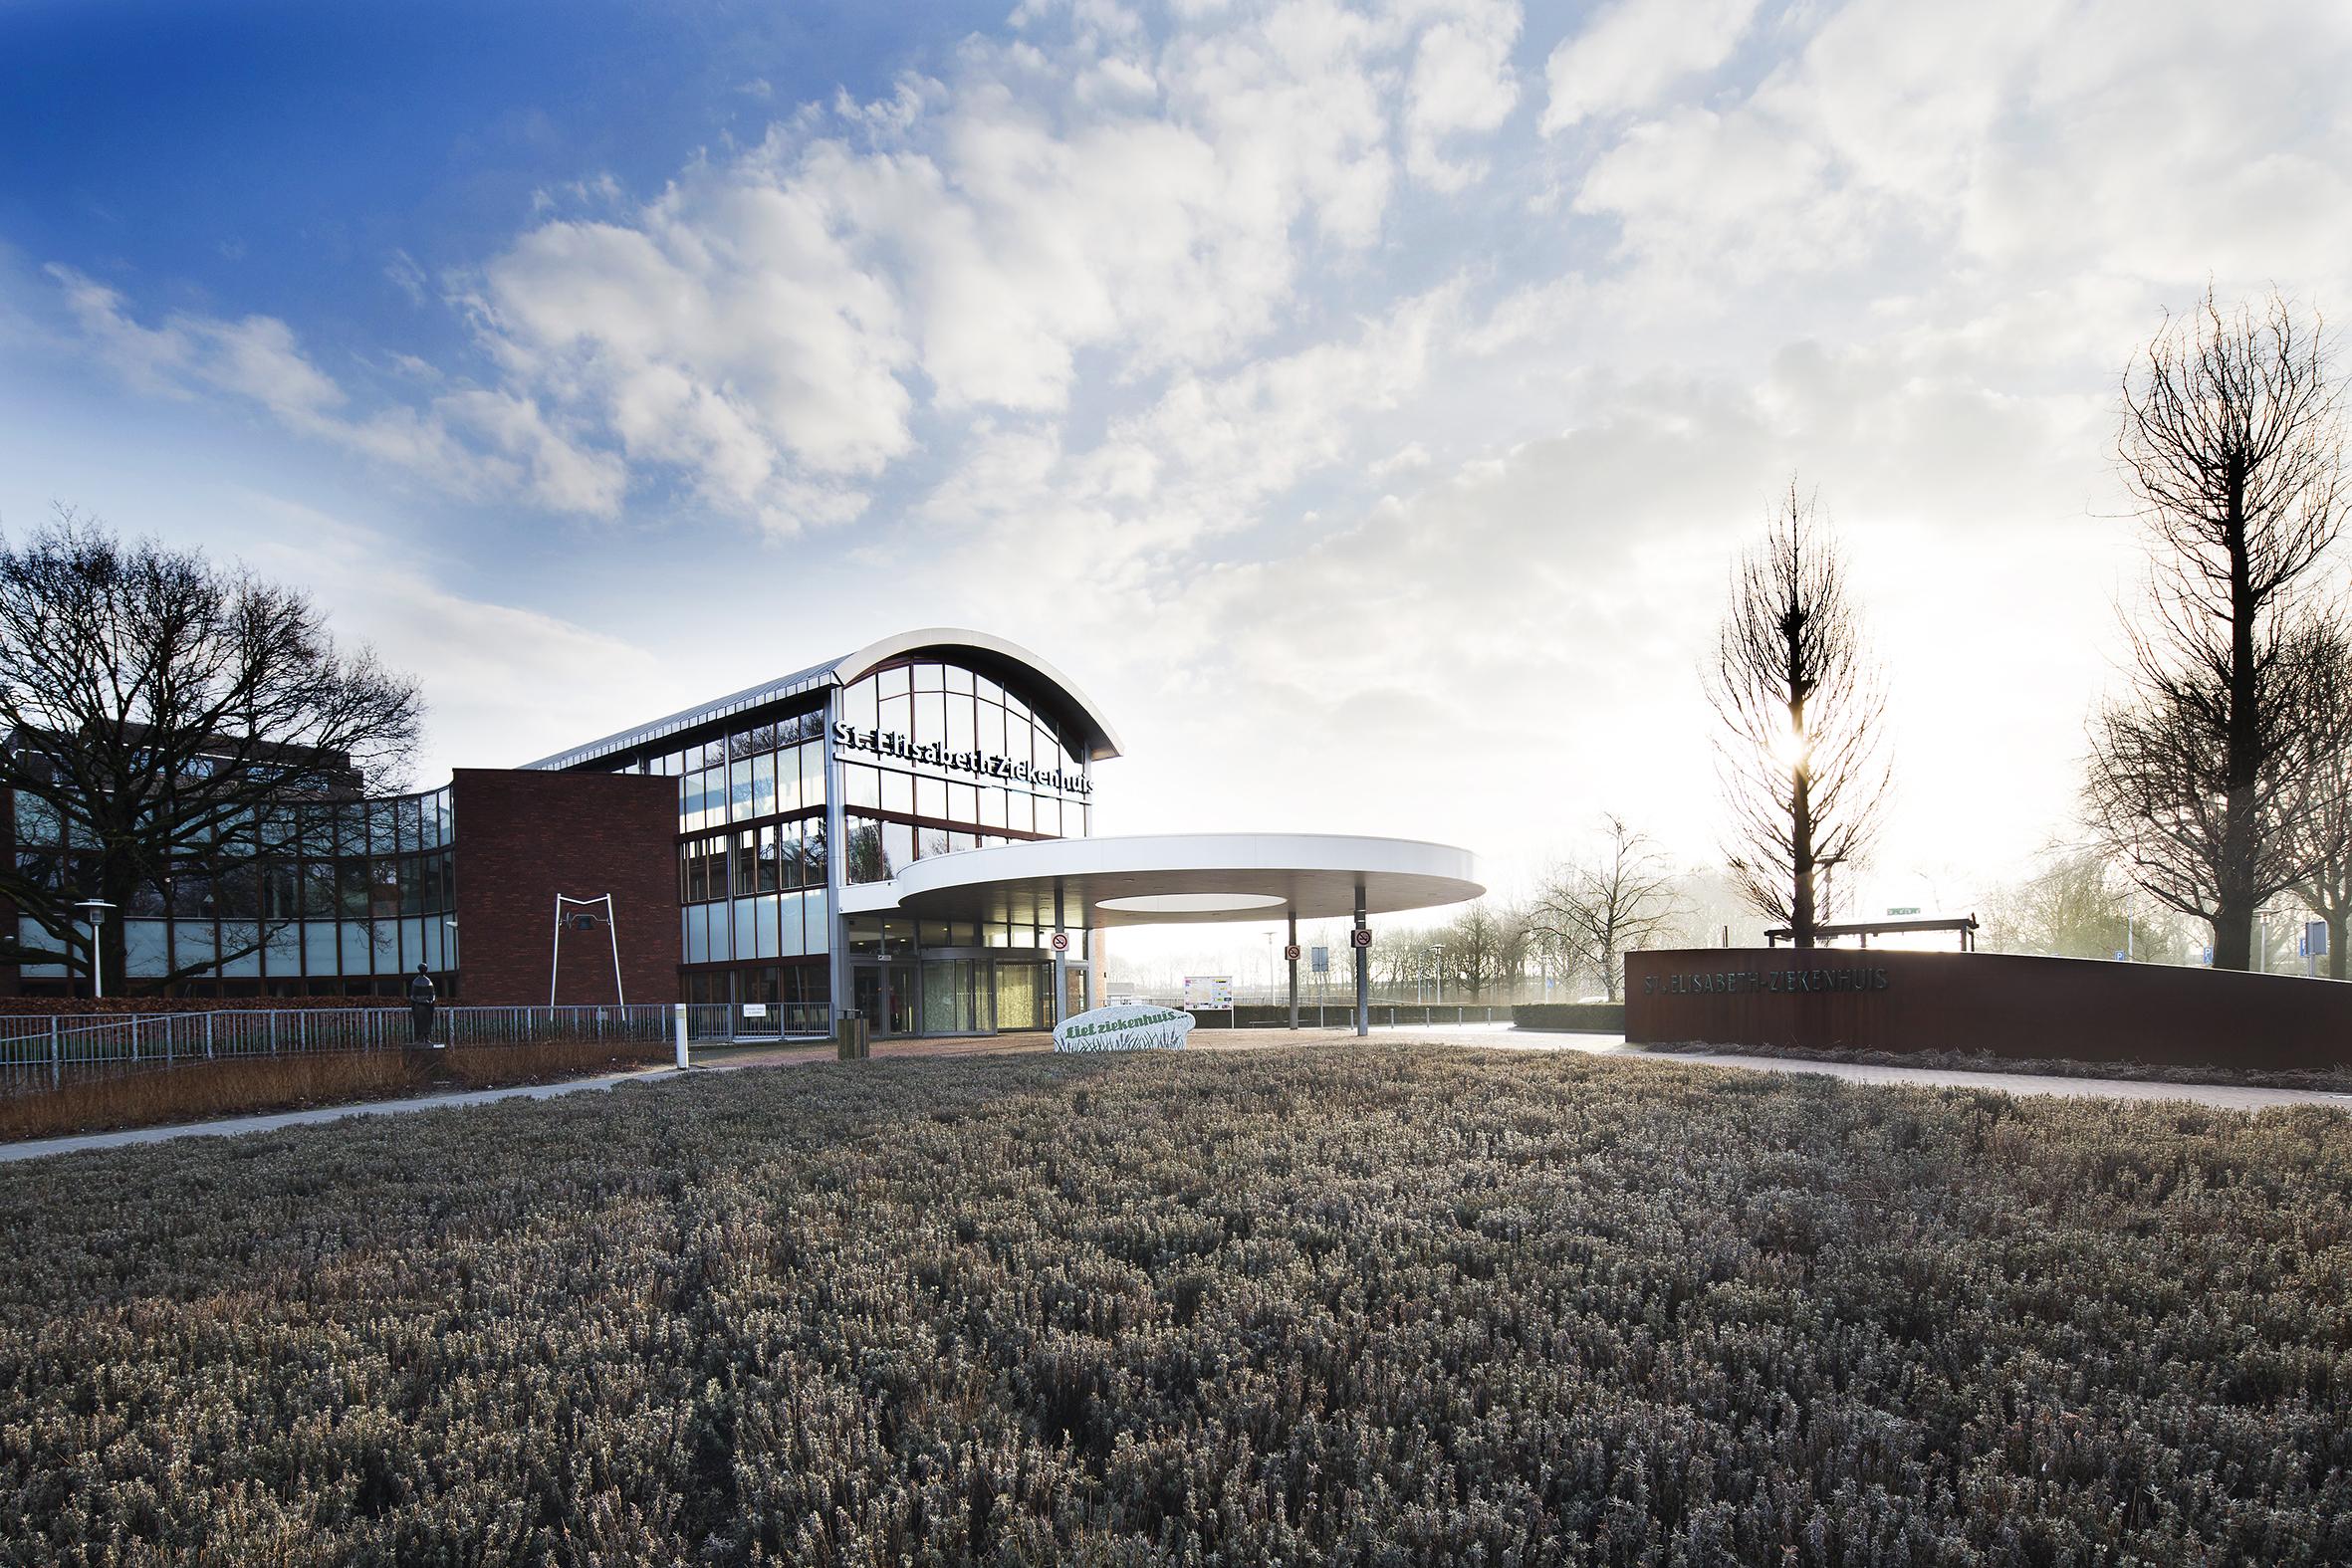 360weergave St. Elisabeth ziekenhuis 360 graden Google Business View Tour